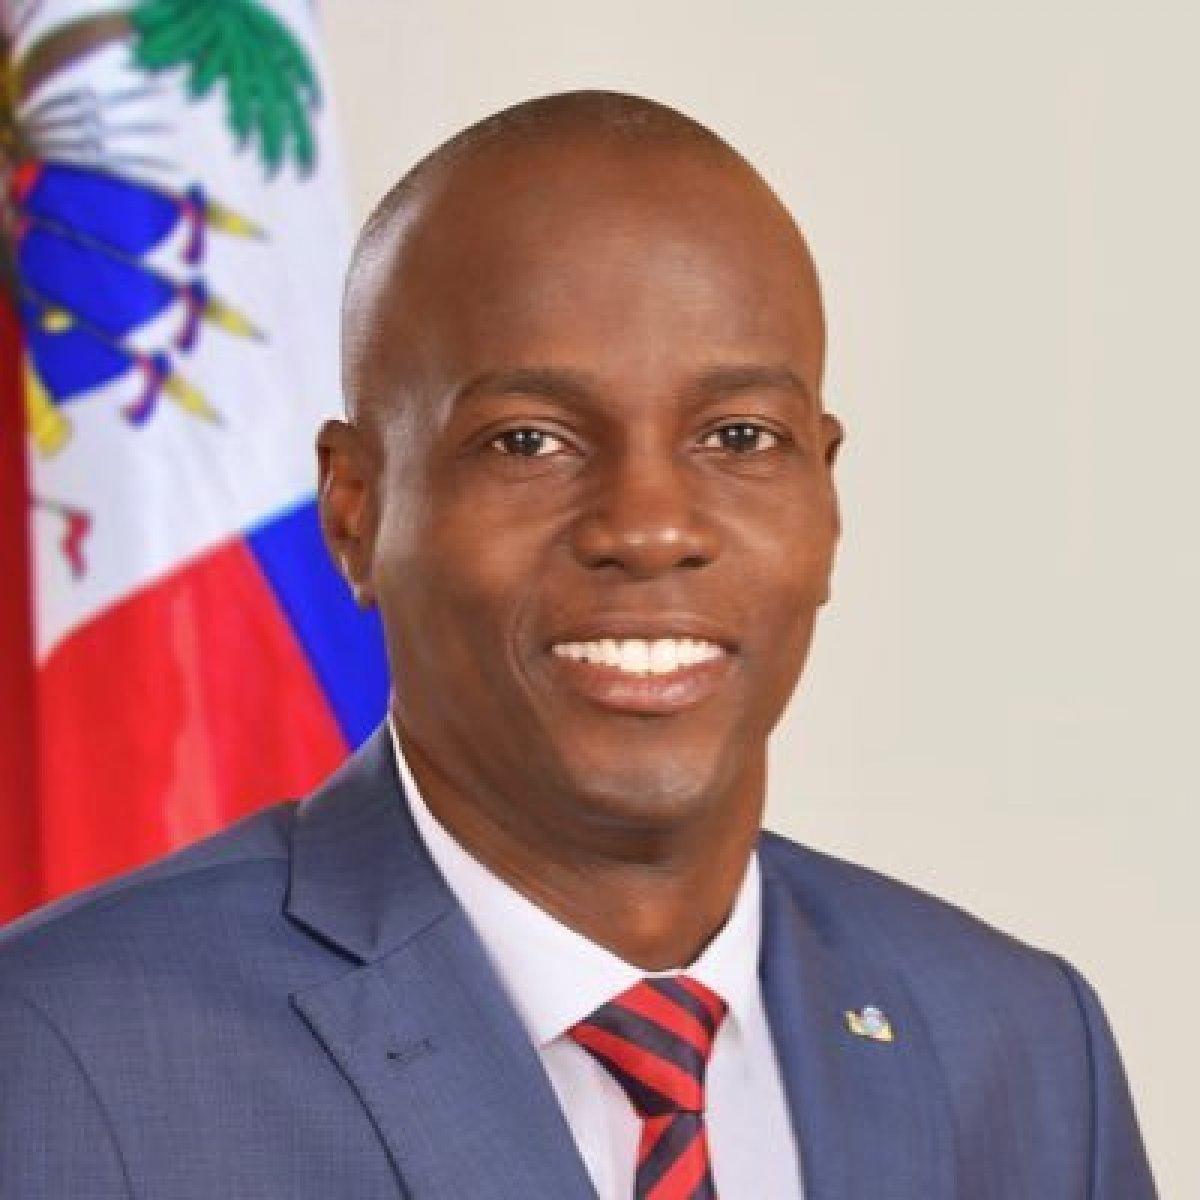 Haiti Devlet Başkanı Jovenel Moise e suikast #2